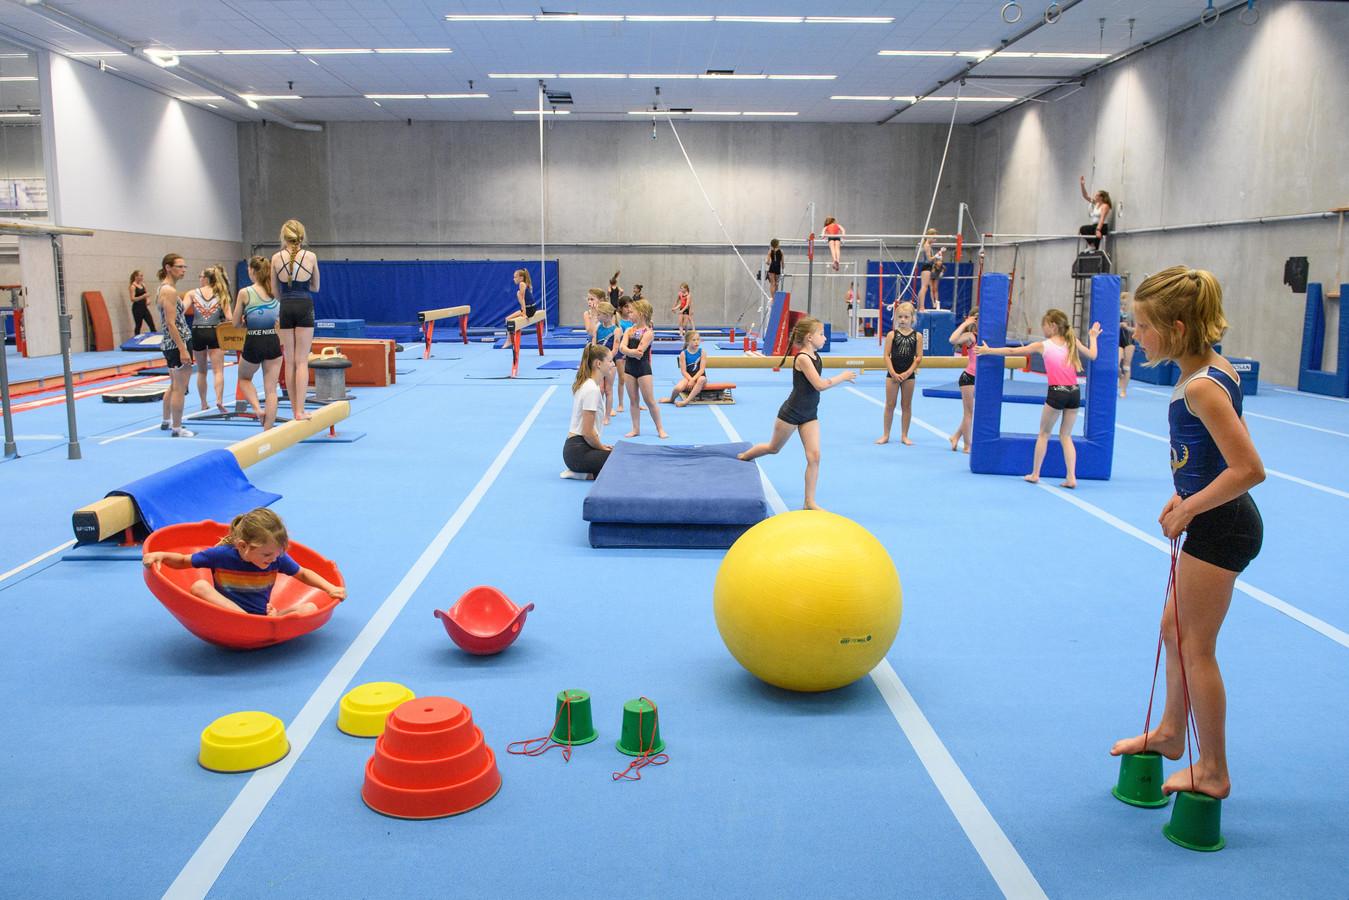 Volop activiteiten tijdens een trainingssessie van de turnvereniging.